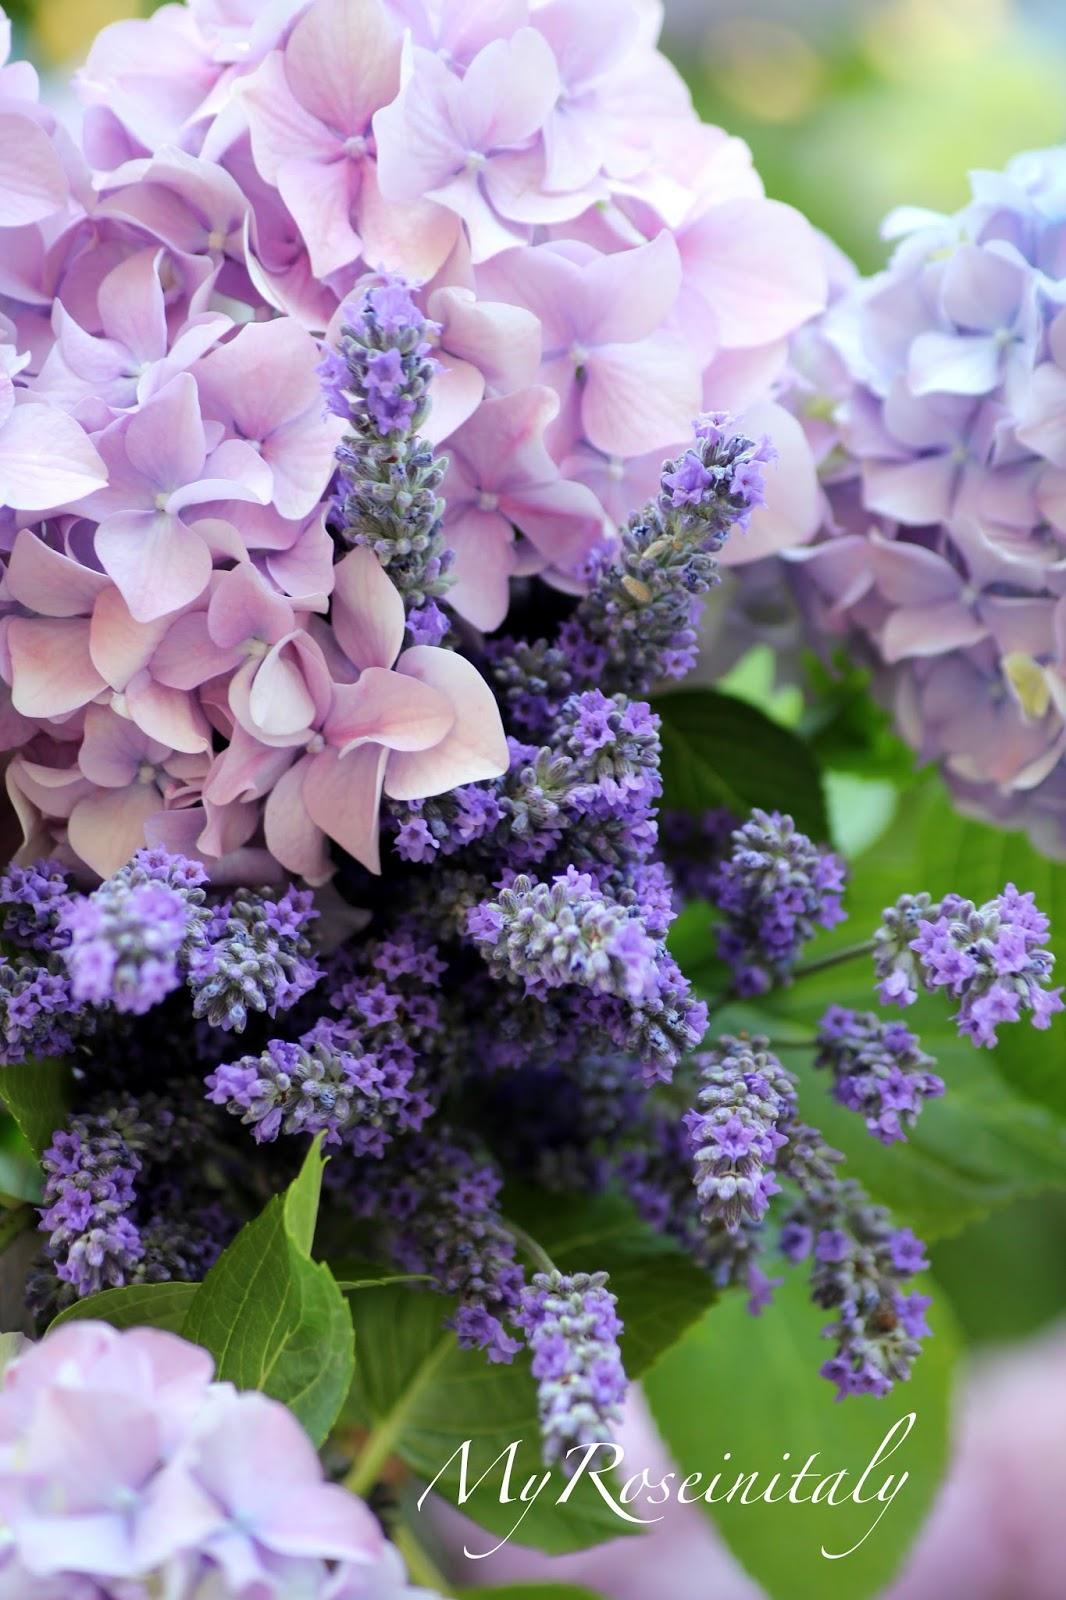 Mazzo Di Fiori Con Ortensie.My Roseinitaly Un Bouquet Di Ortensie E Lavanda